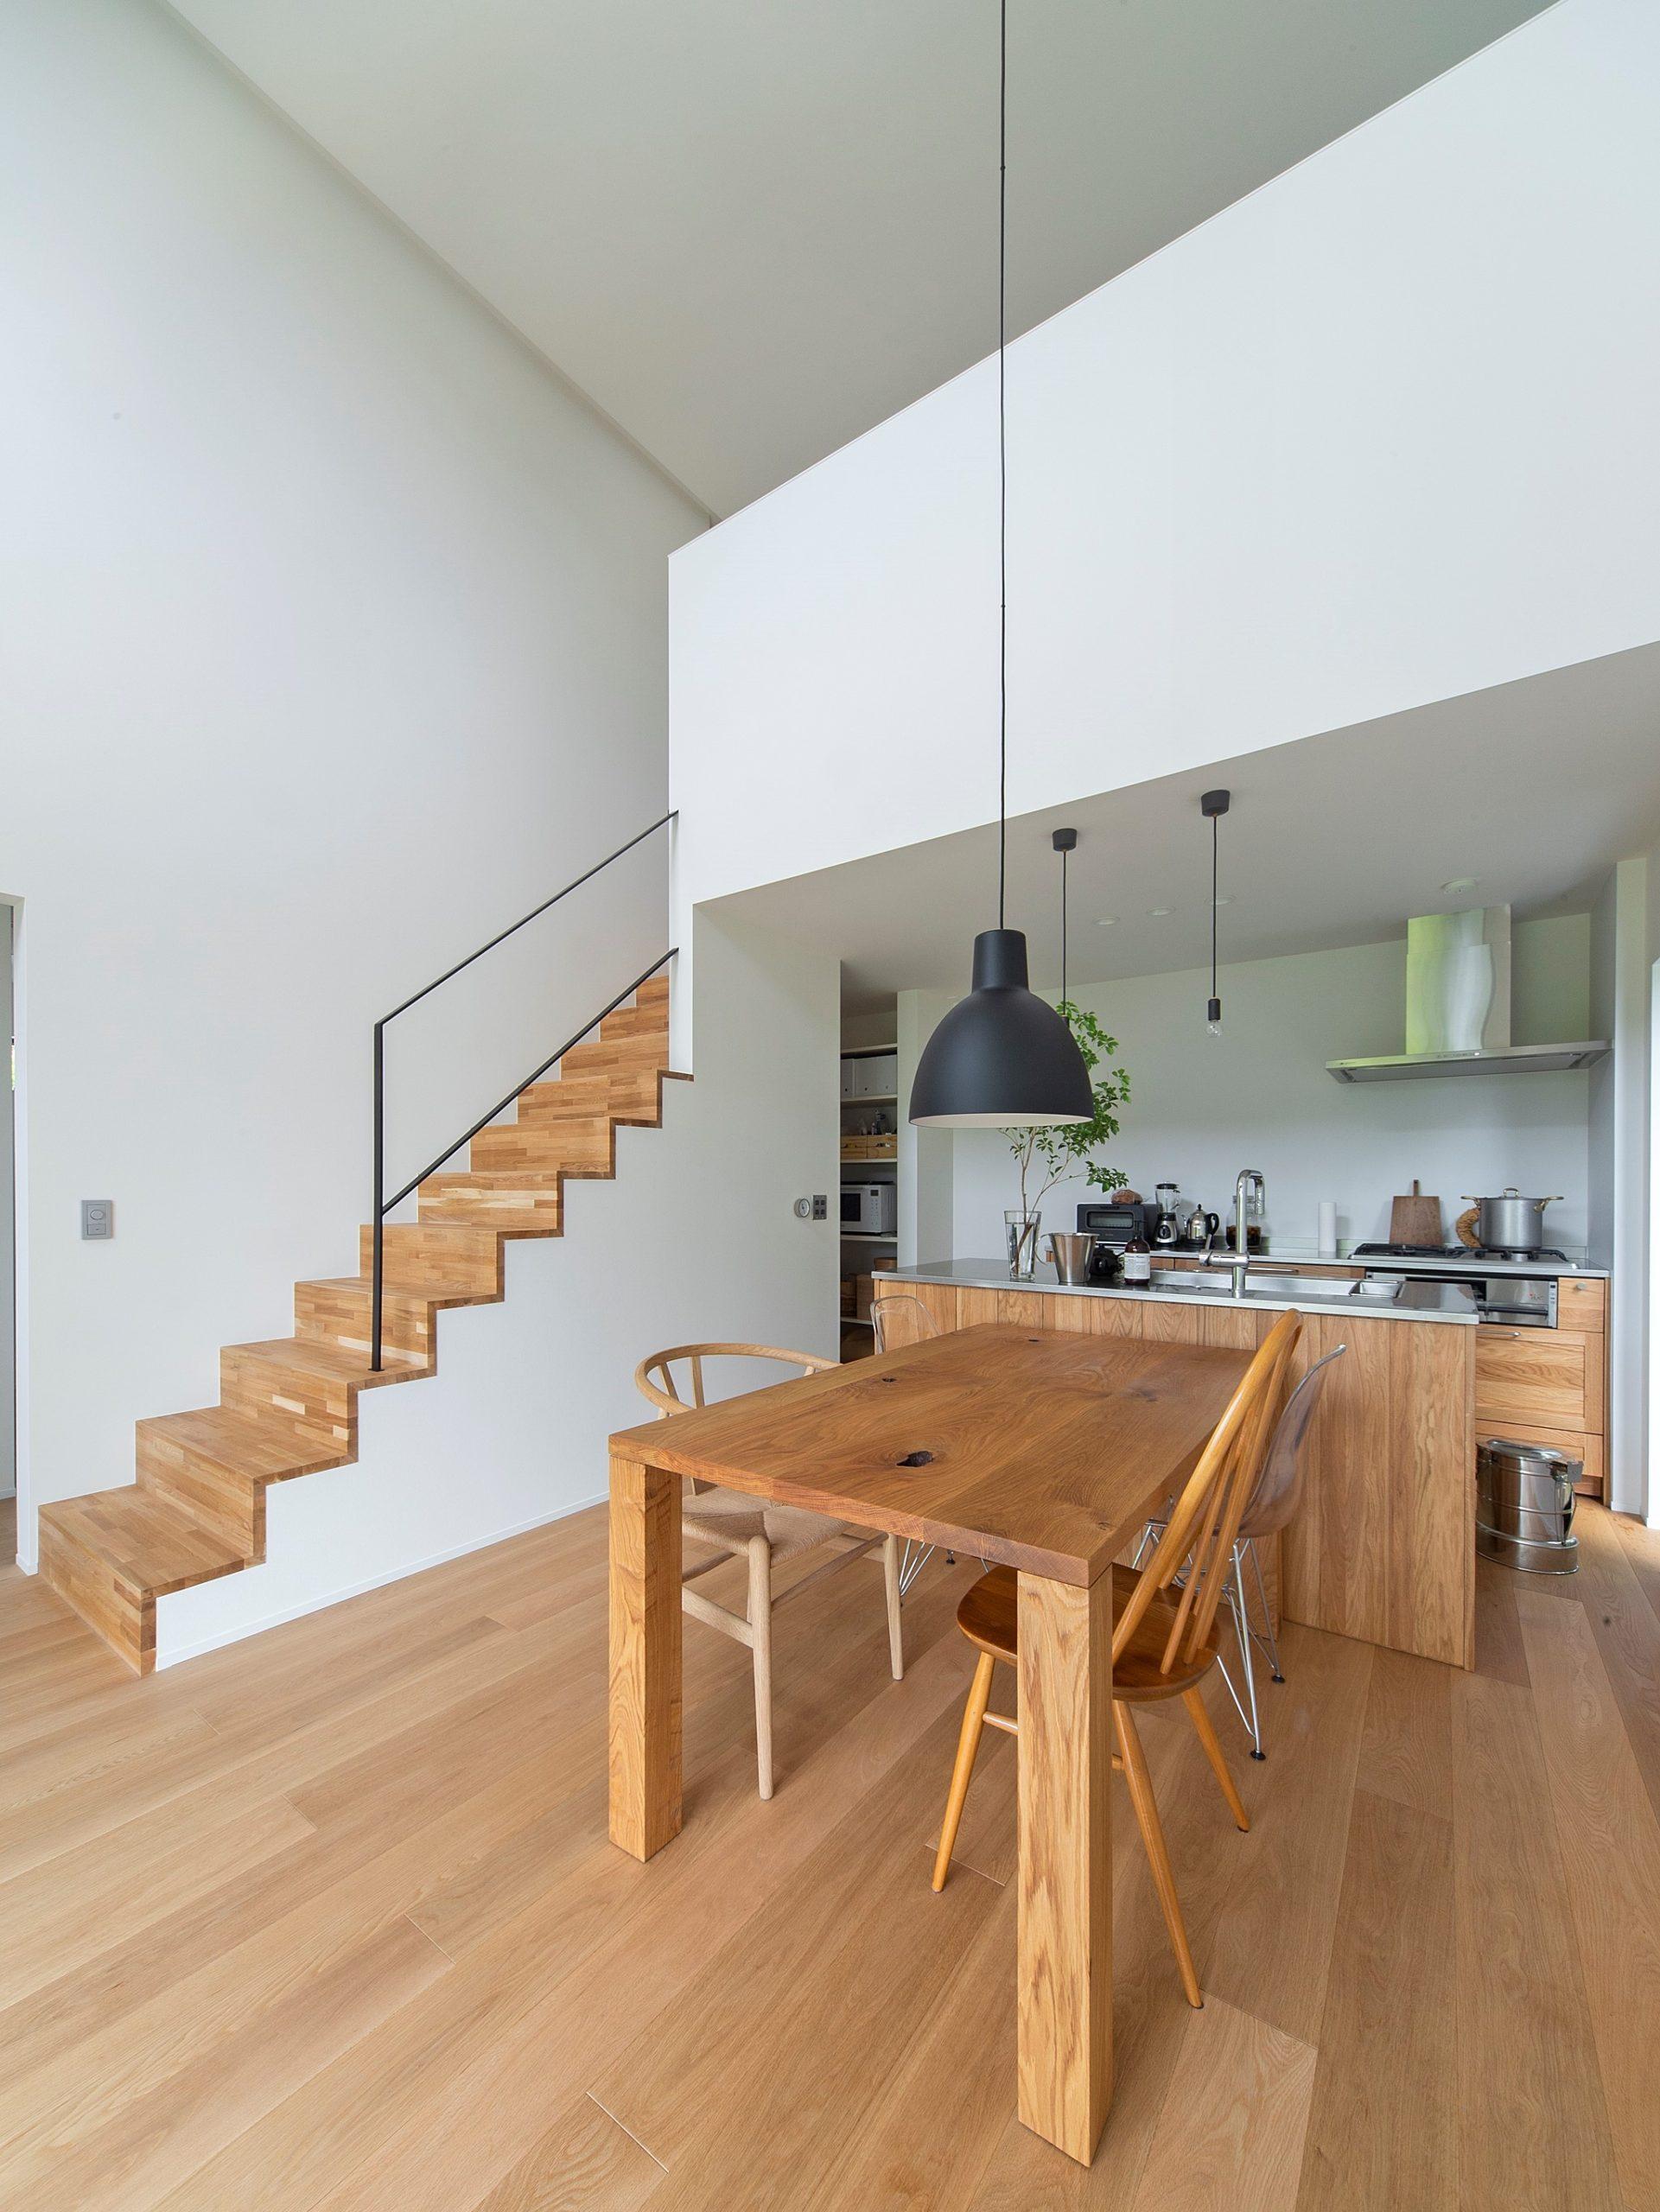 印象的な造作の階段が家の中心に。ここちよく気持ちの良い空間を彩る要素です。